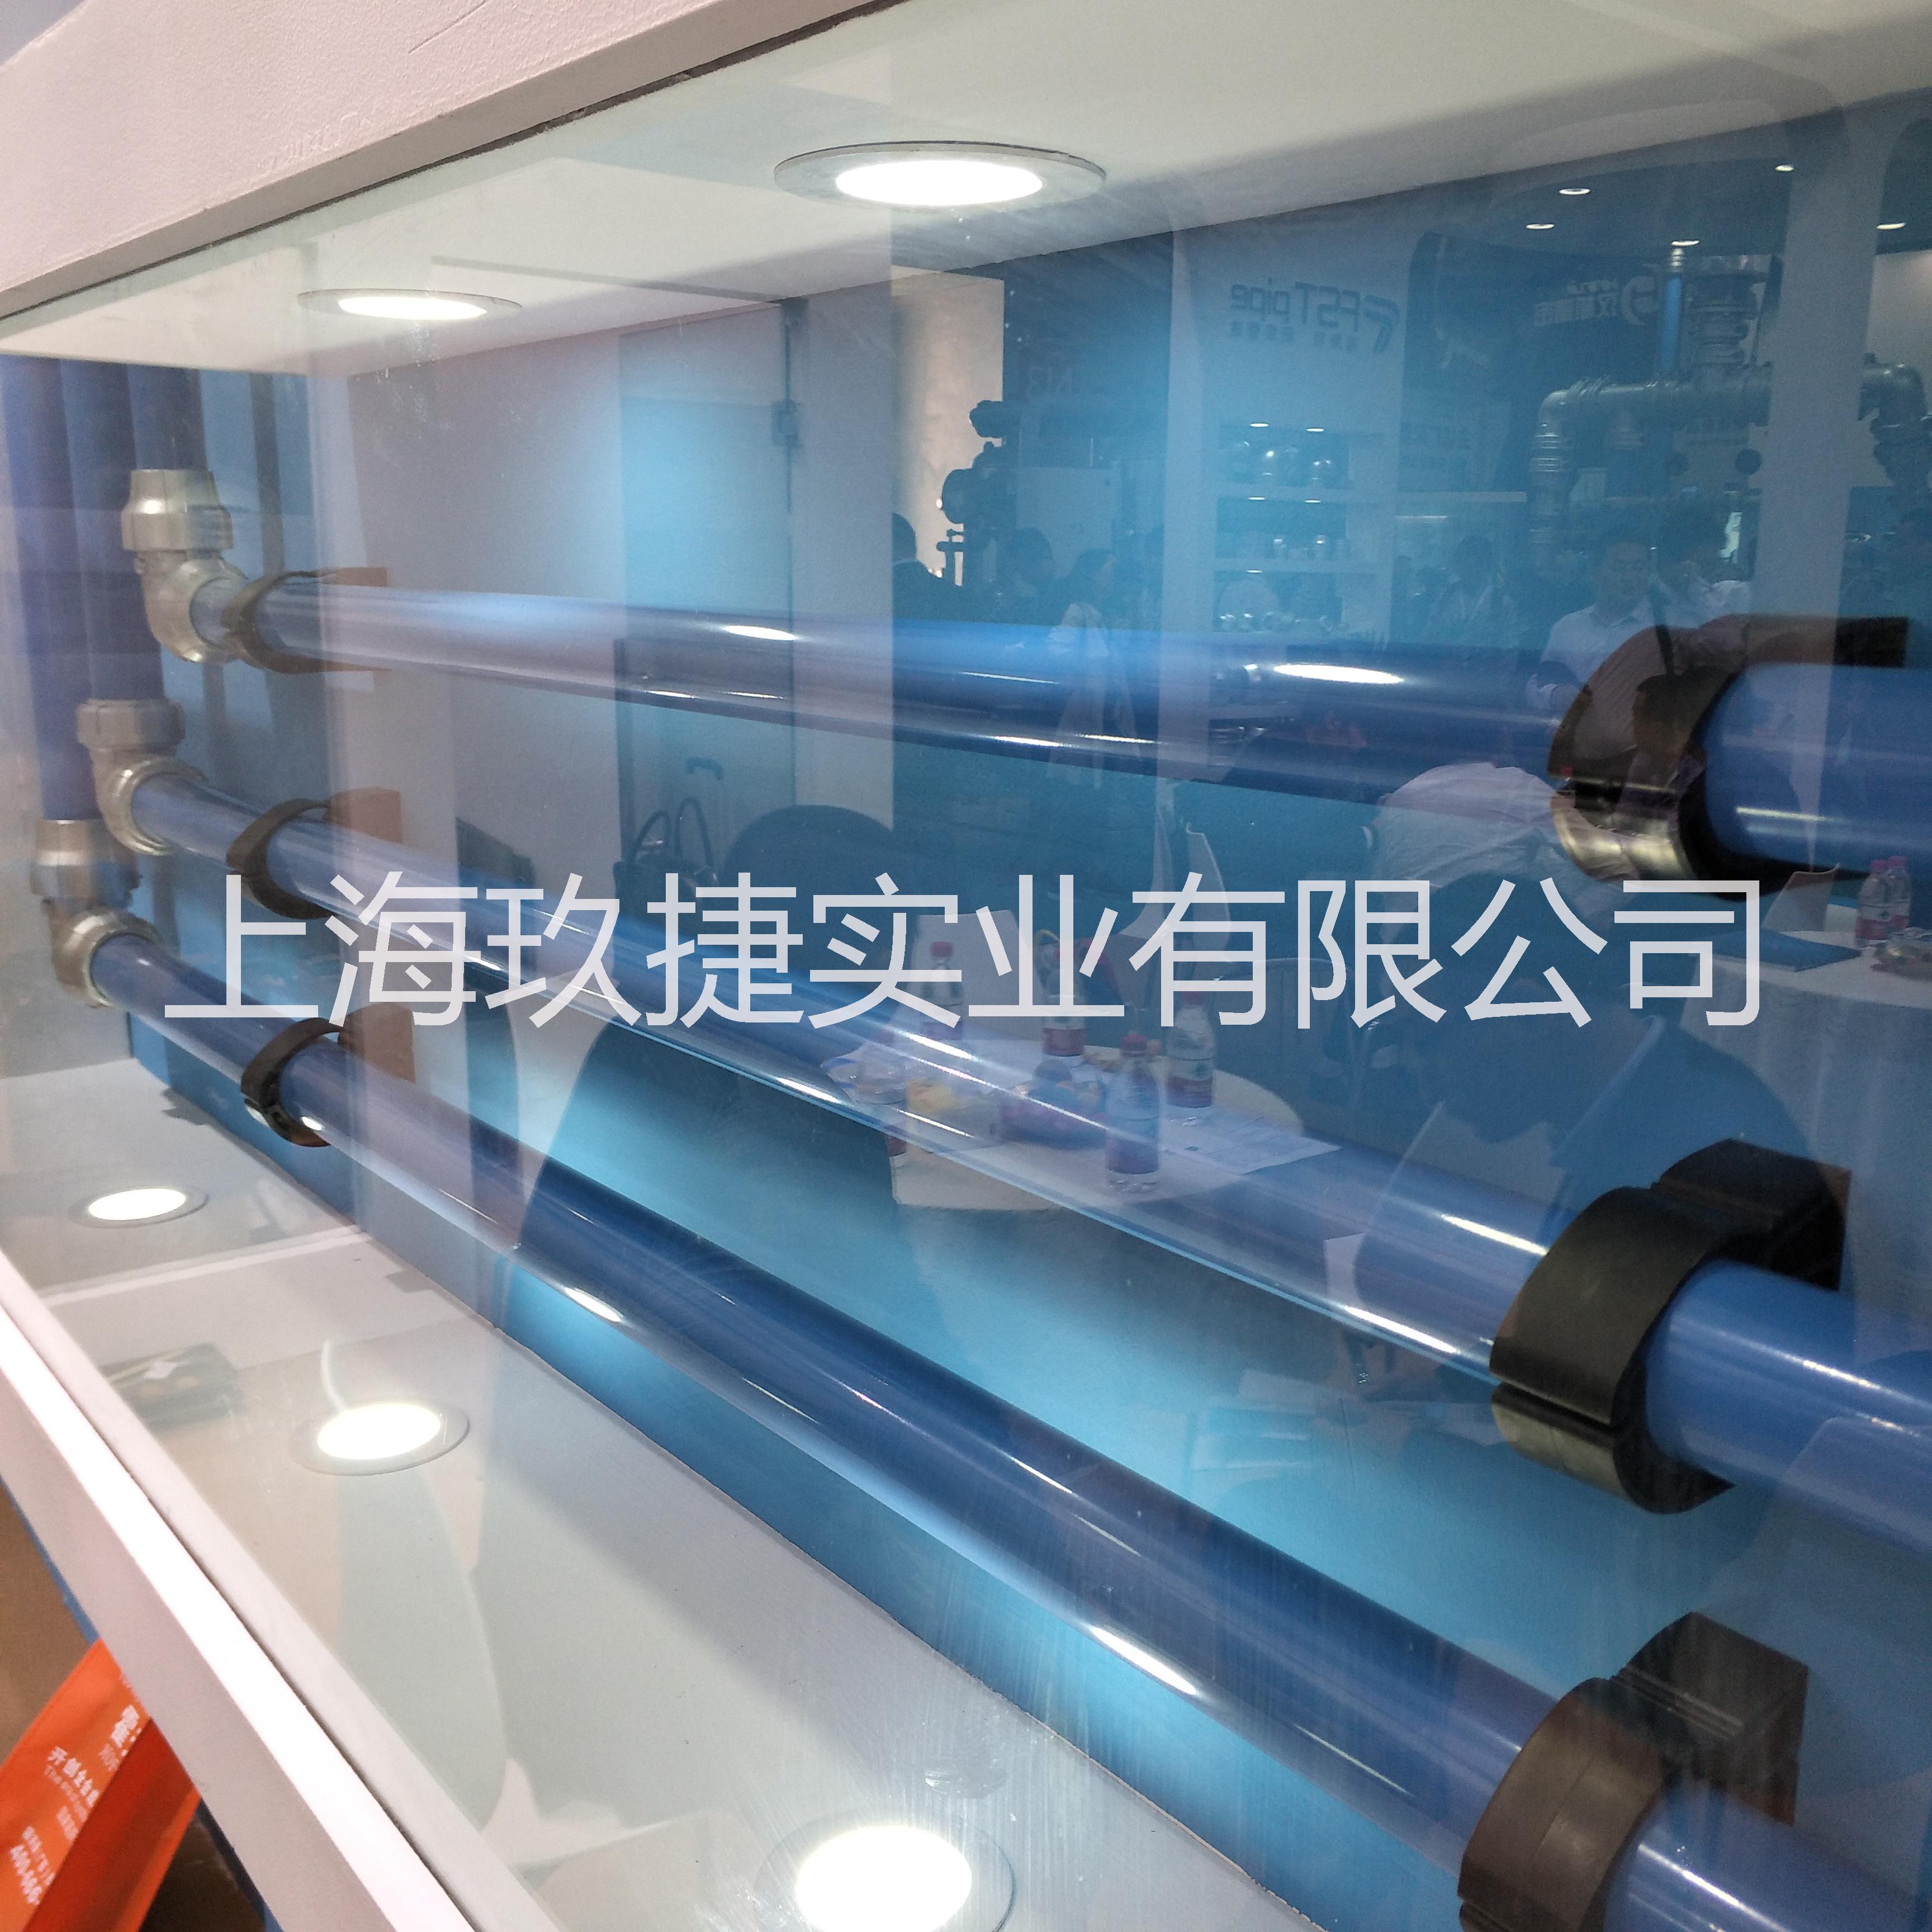 压缩铝合金空气管路,DN20-DN200铝合金管路系统,超长质保20年 铝合金压缩空气管路